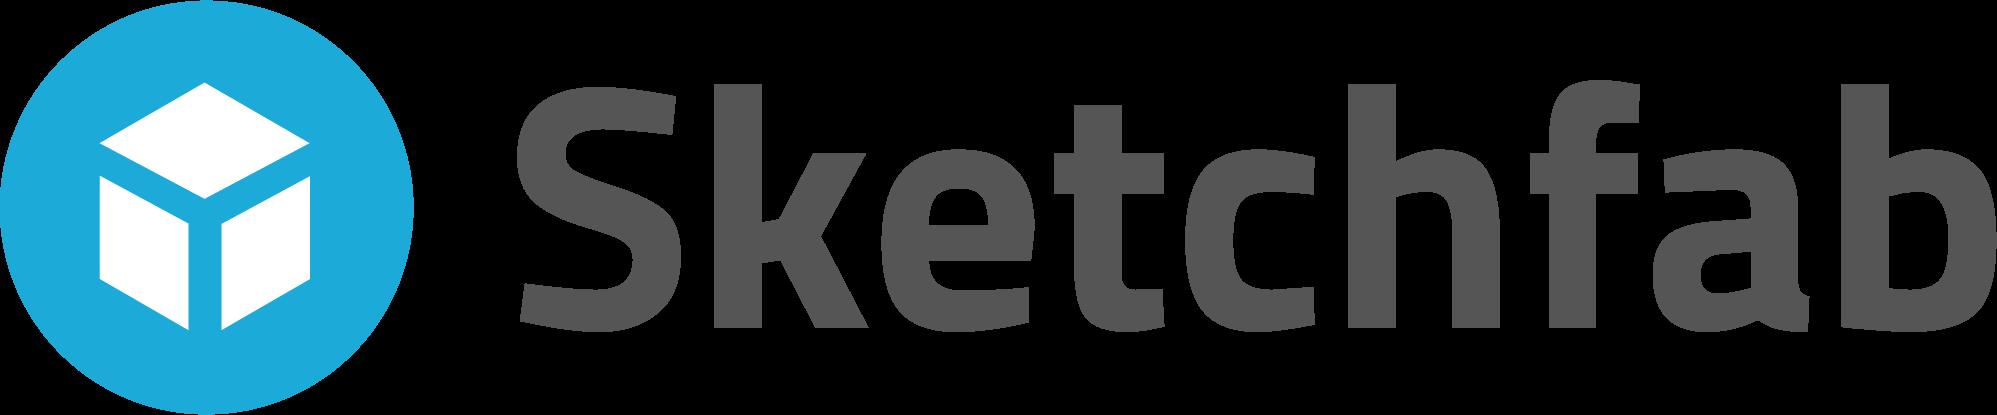 logo-sketchfab-grey